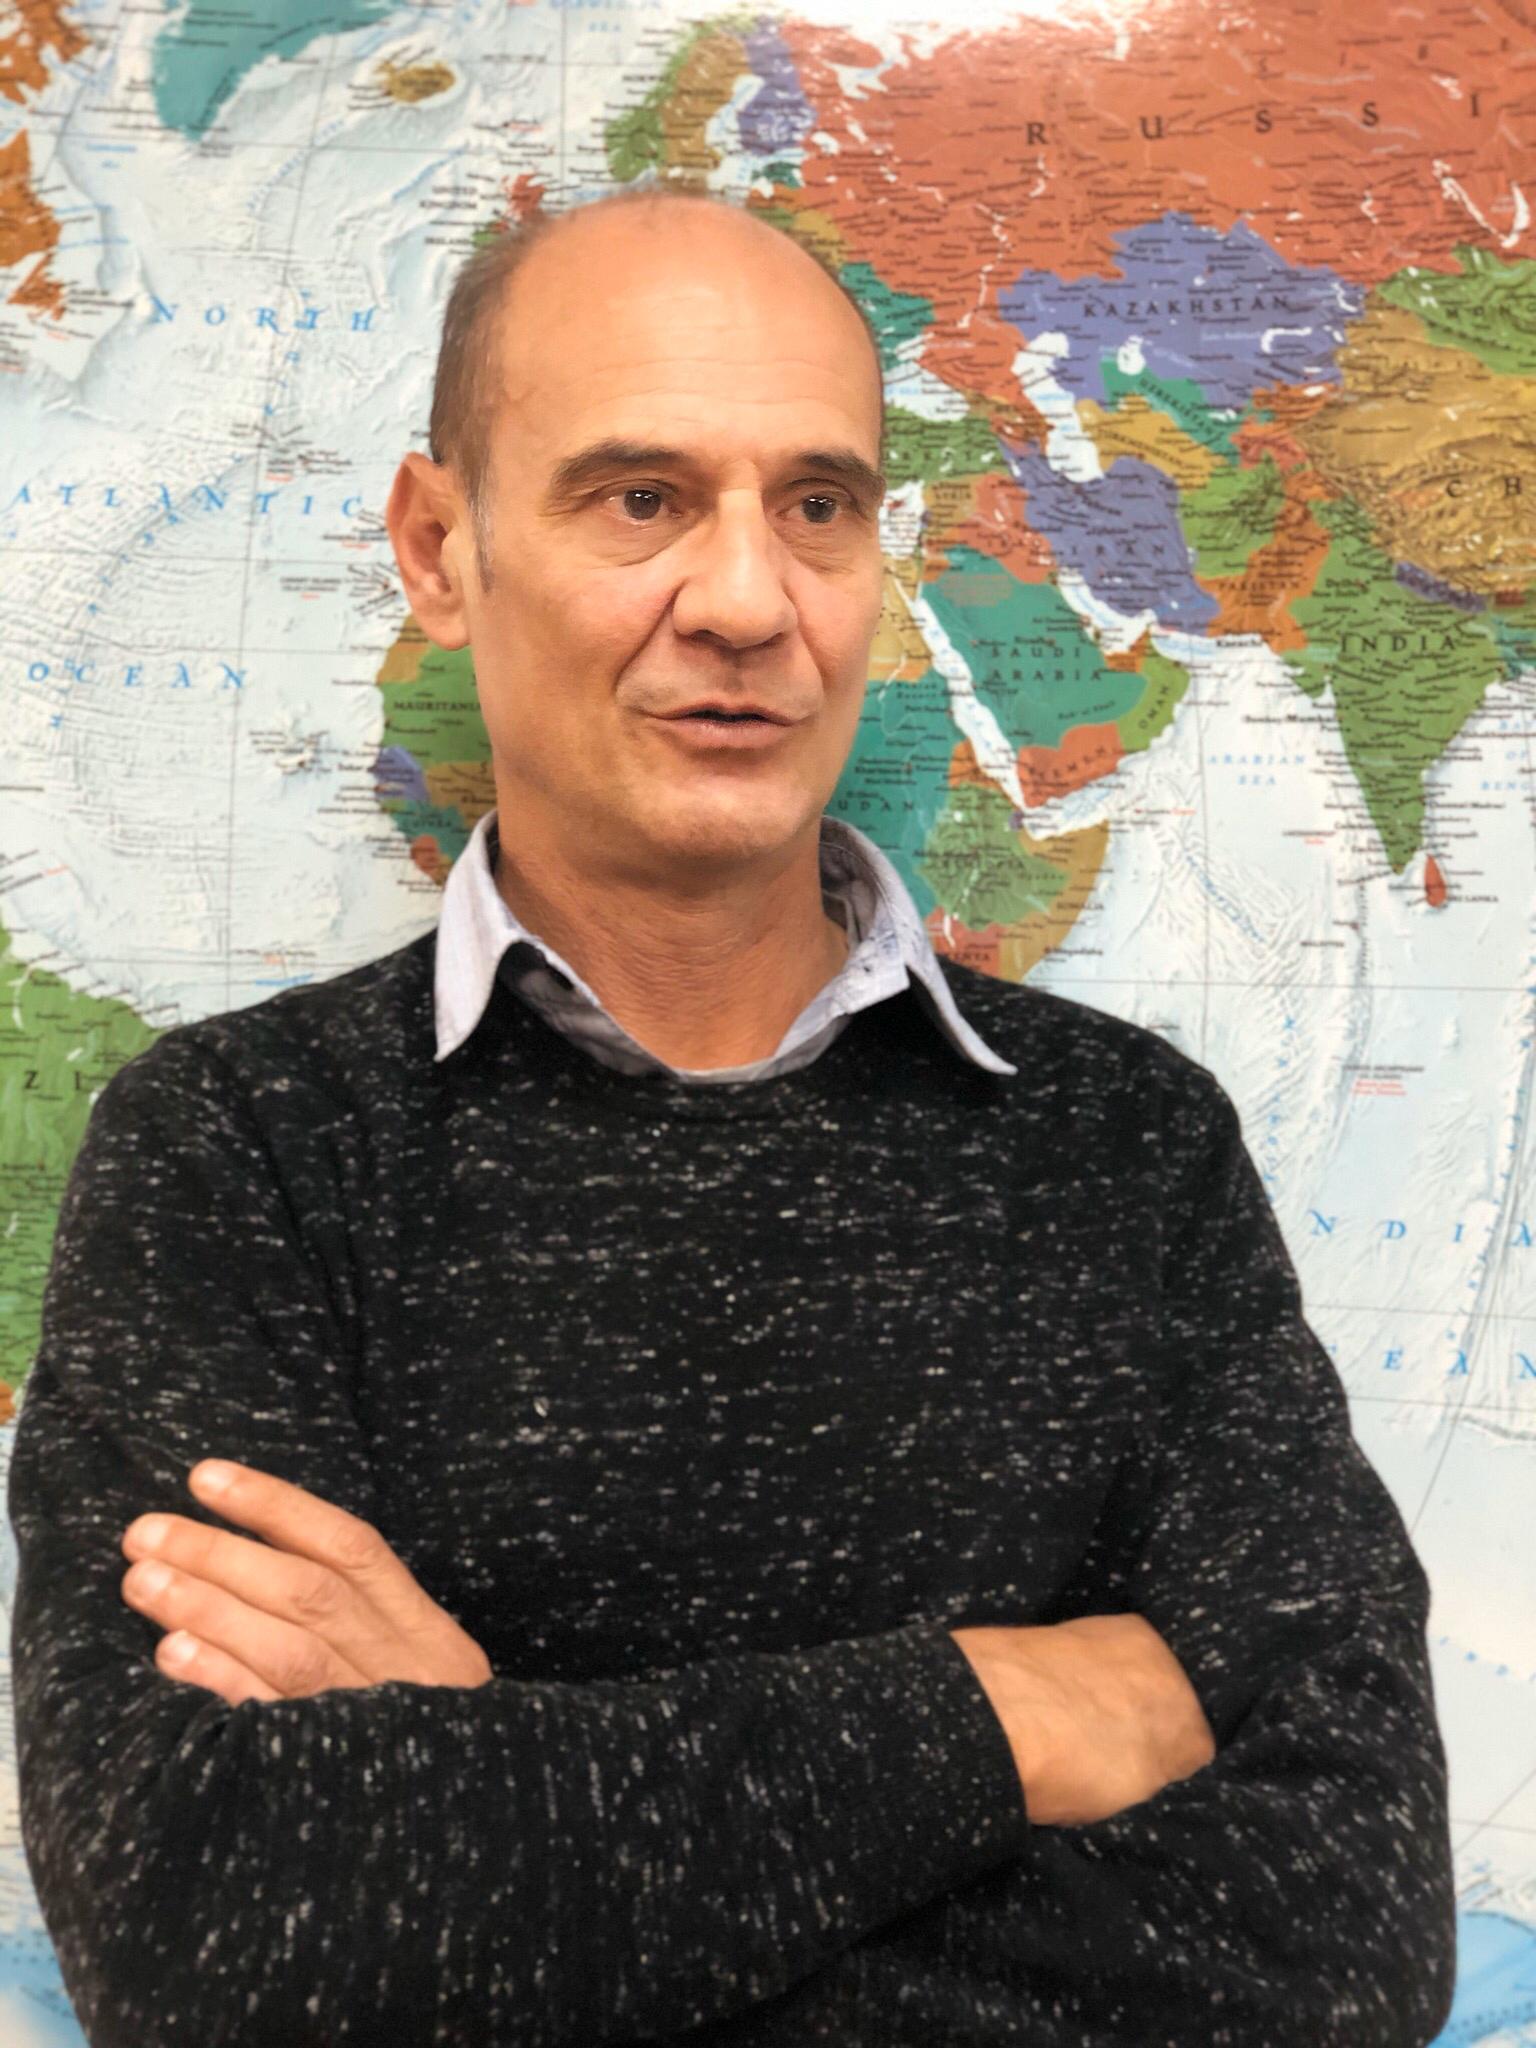 Jordi Vendrell gerente de Viatges Tuareg